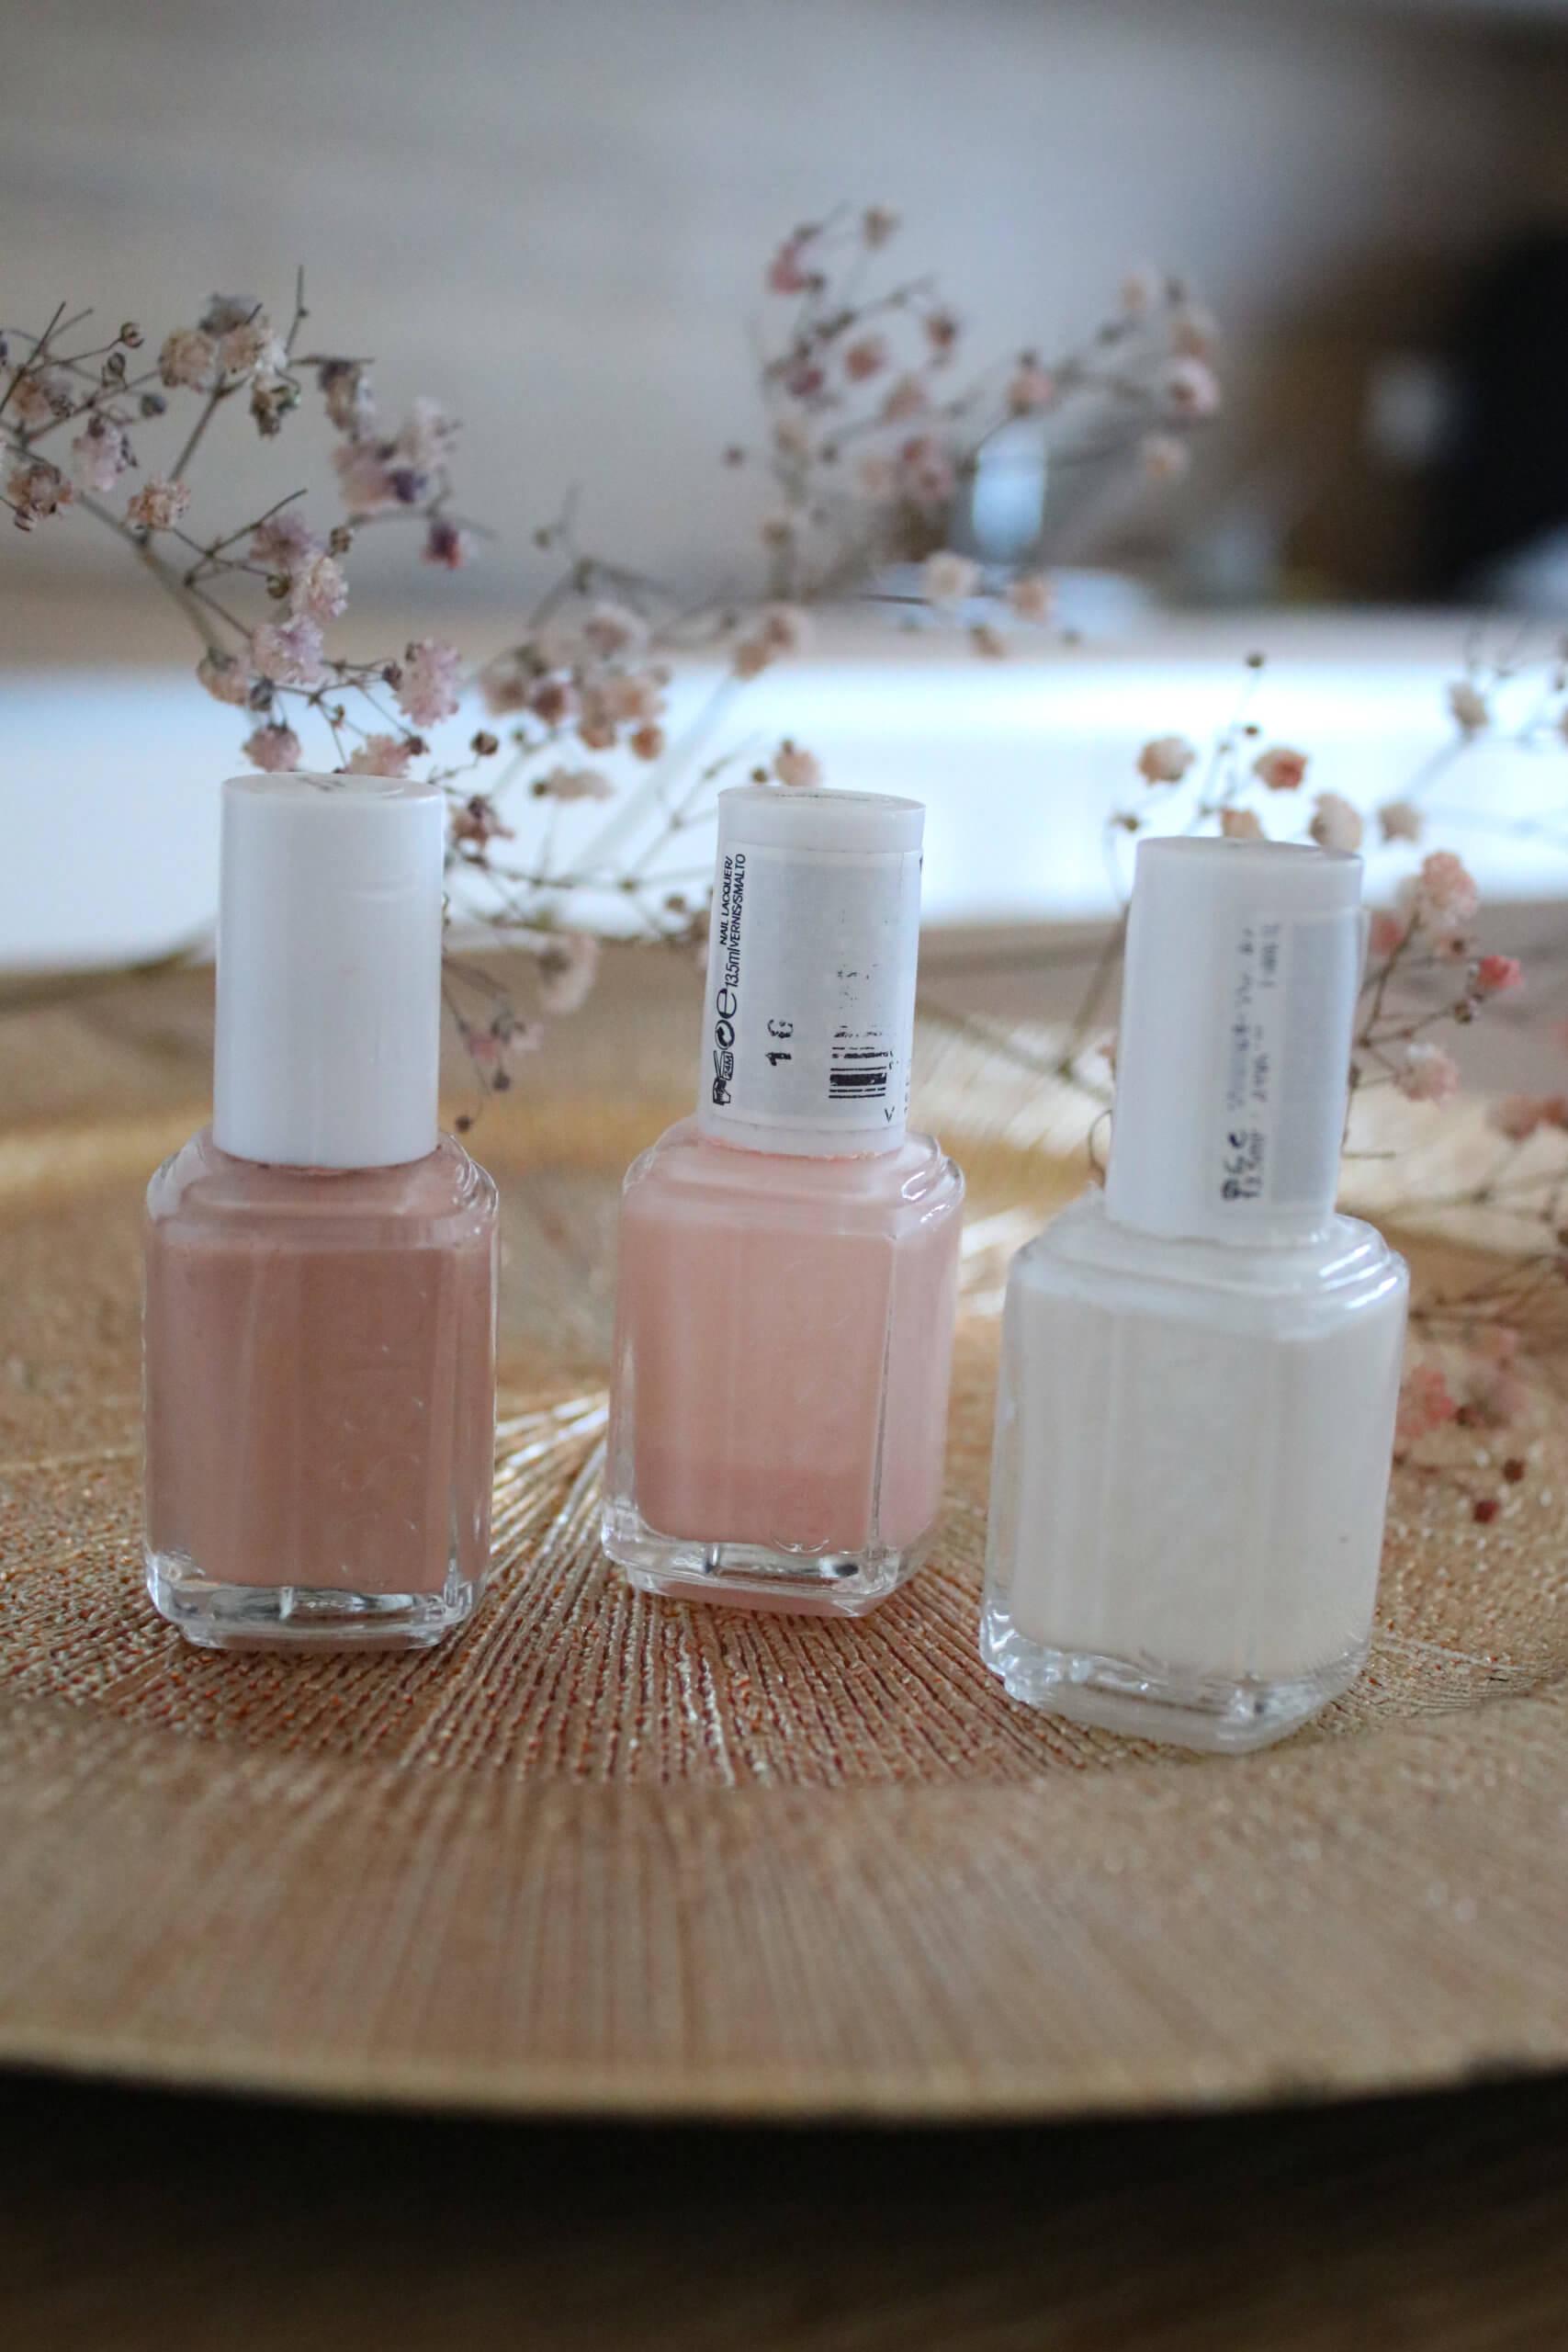 Essie Nagellack zum Valentinstag schenken - diese Nagellackfarben sind Top